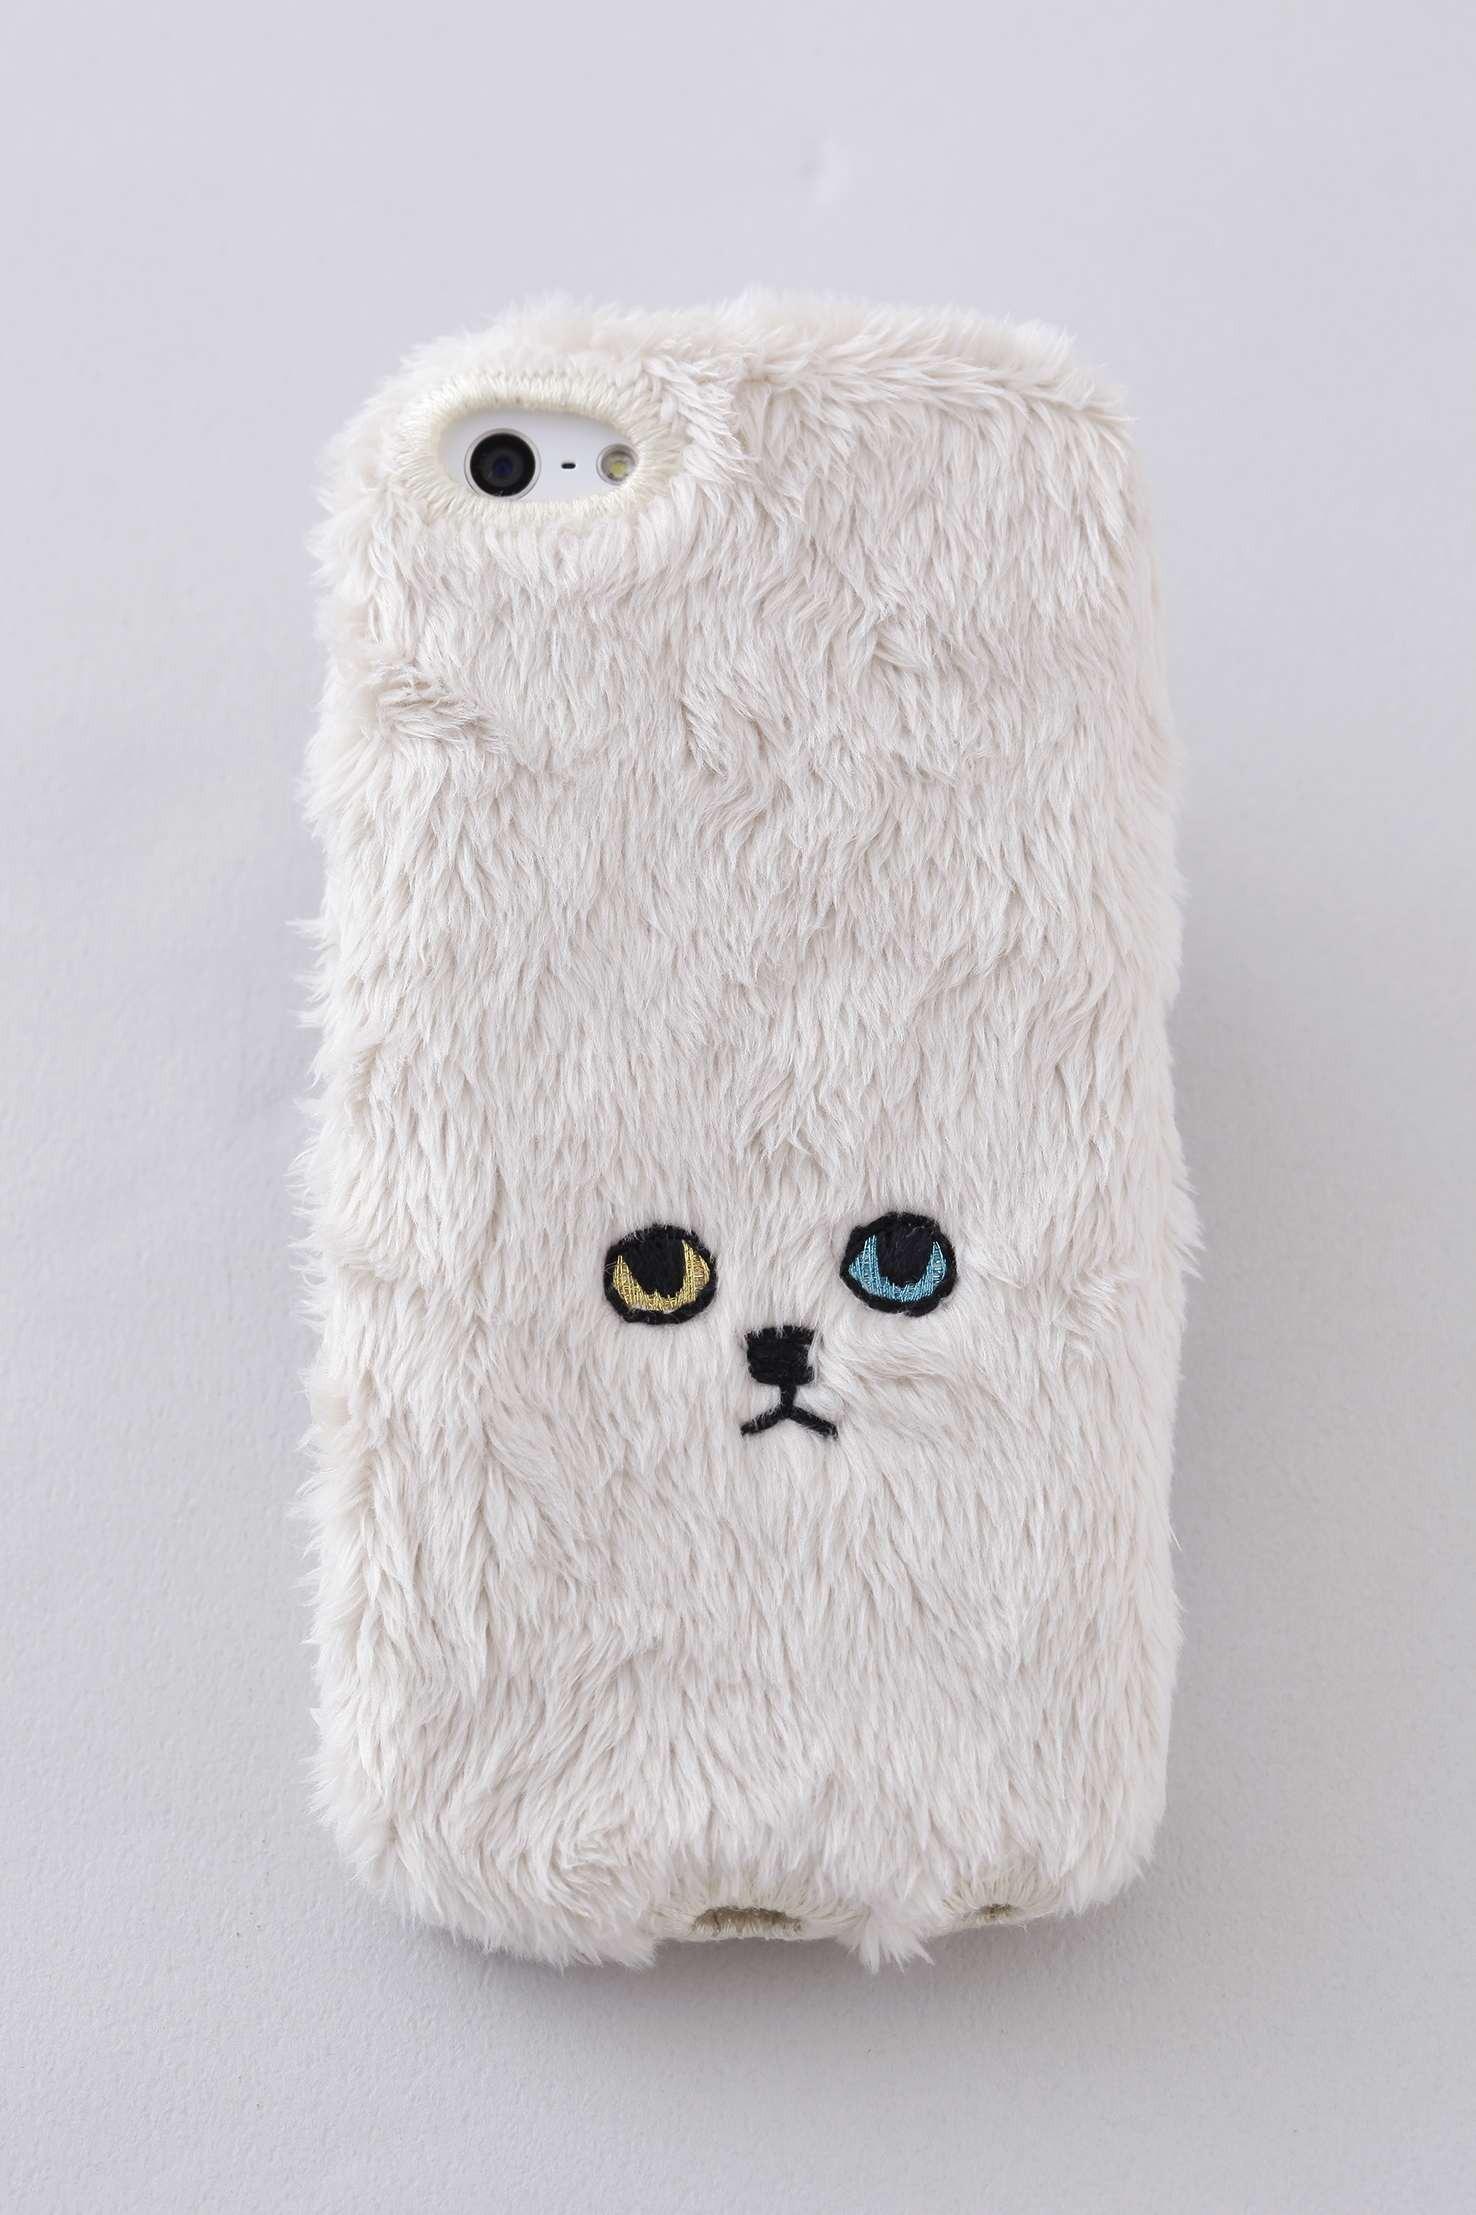 ネコiPhone5/5c/5sカバー 【ベージュ】